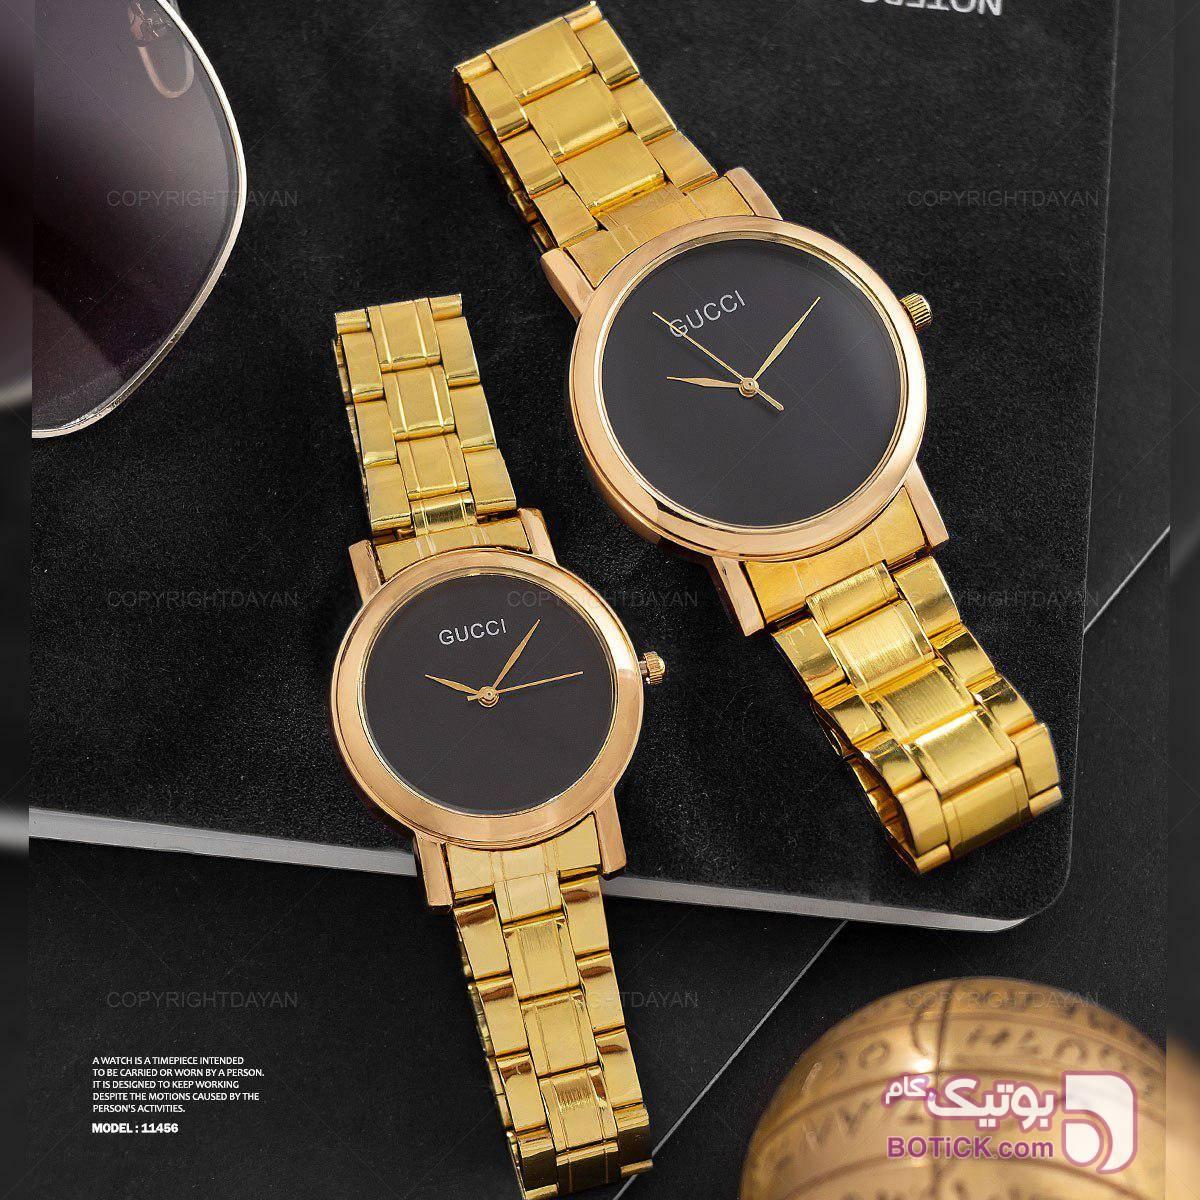 ست ساعت گوچی(طلایی) زرد ساعت